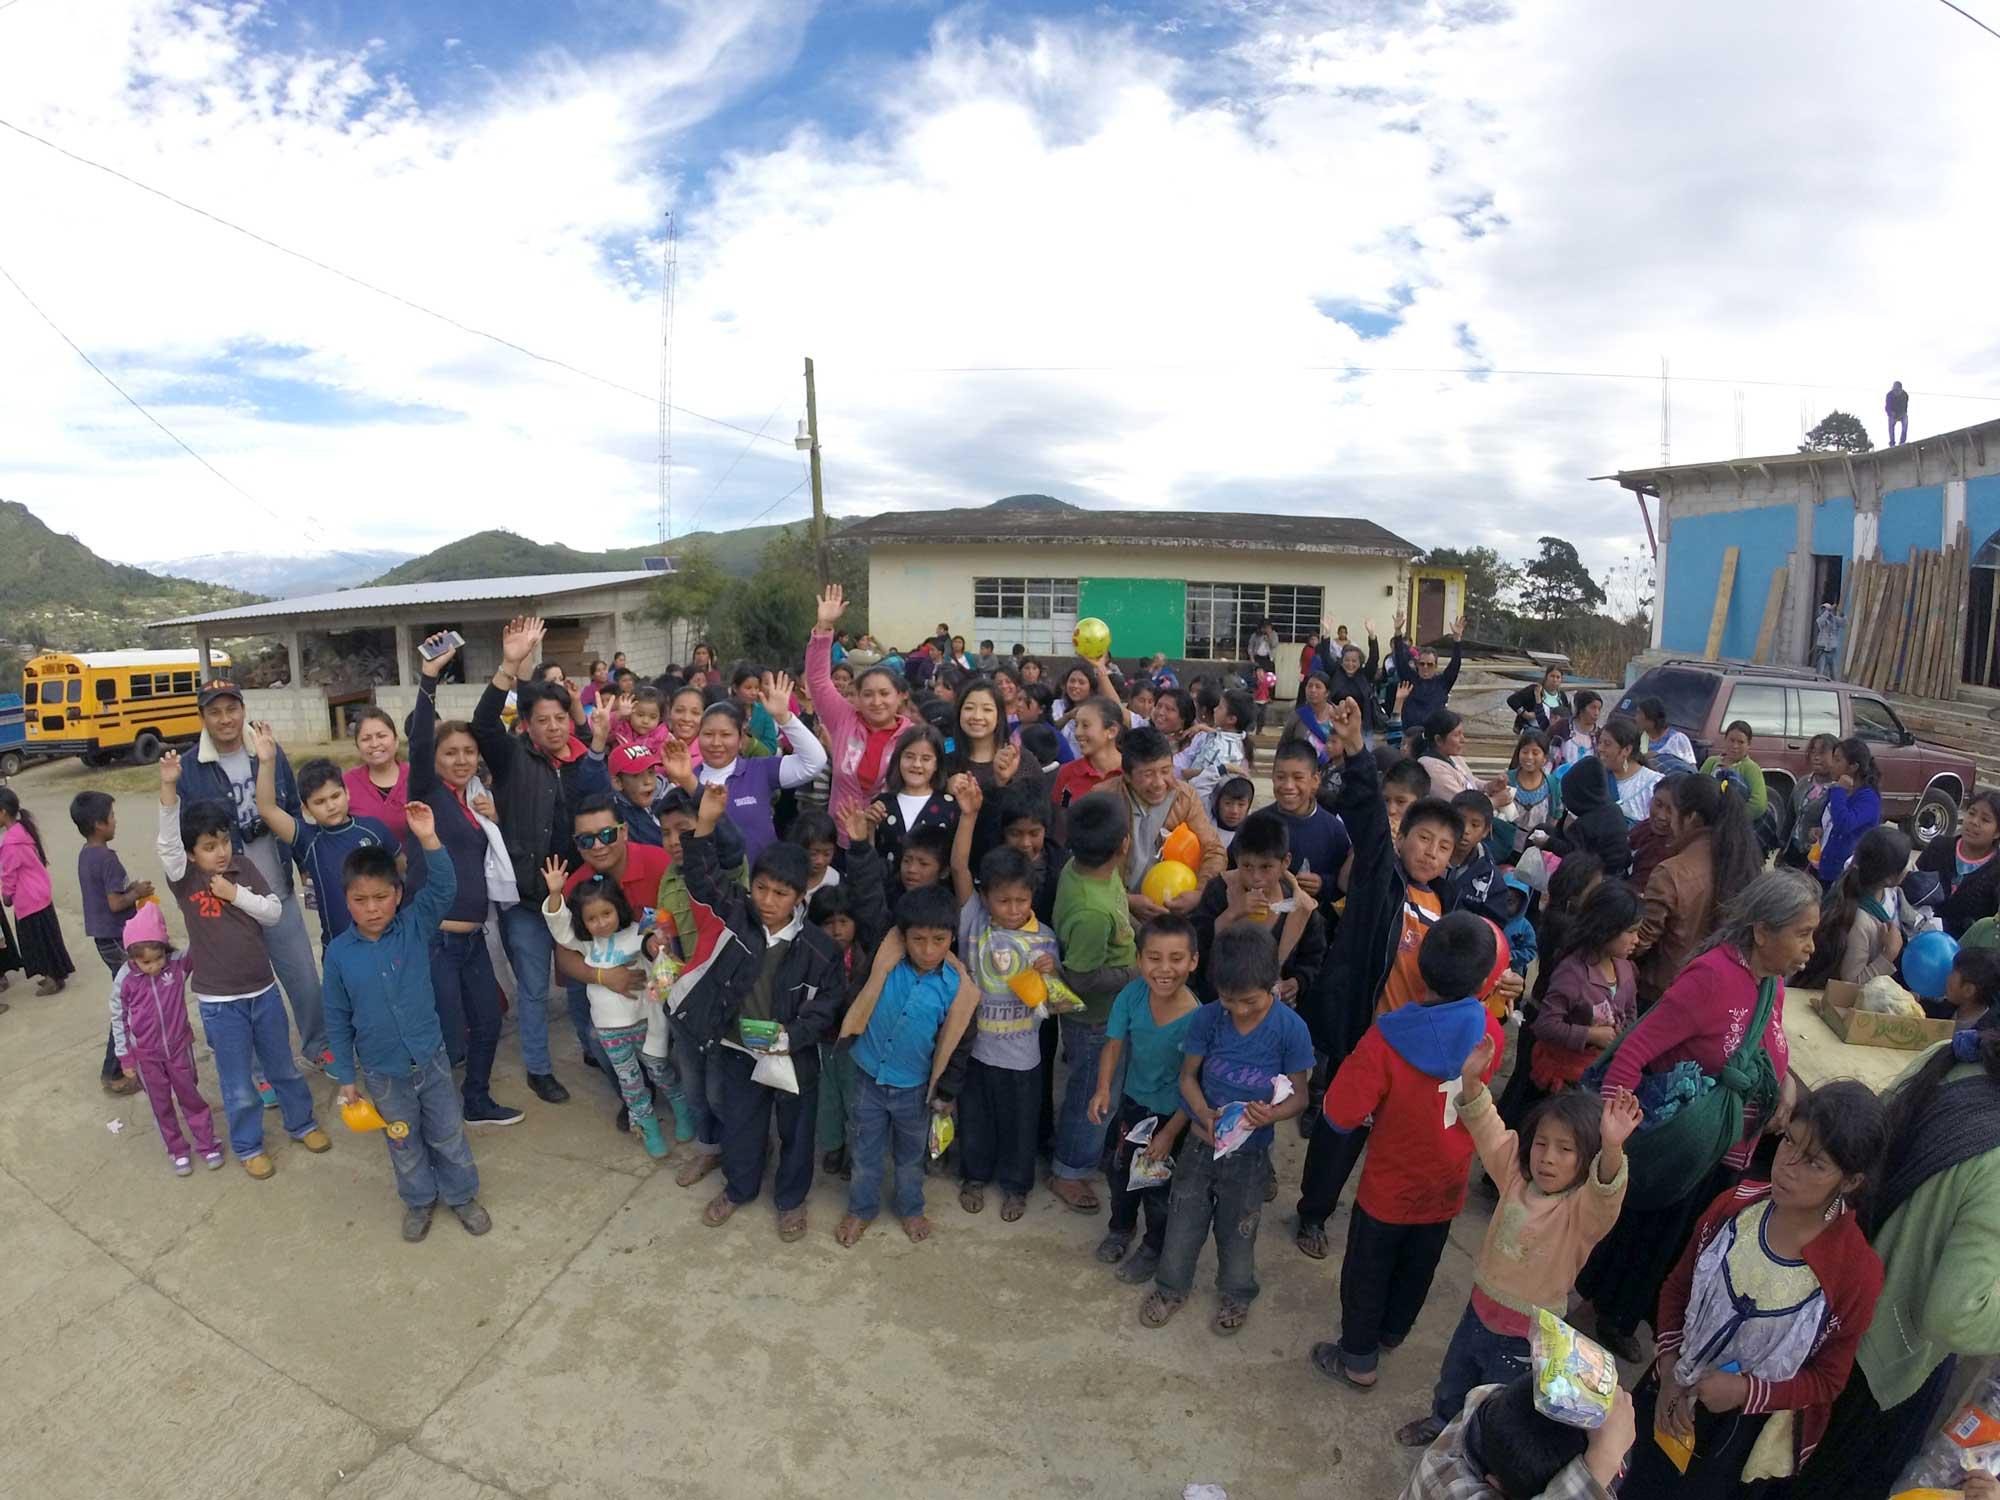 Niñps de la comunidad de Acotla